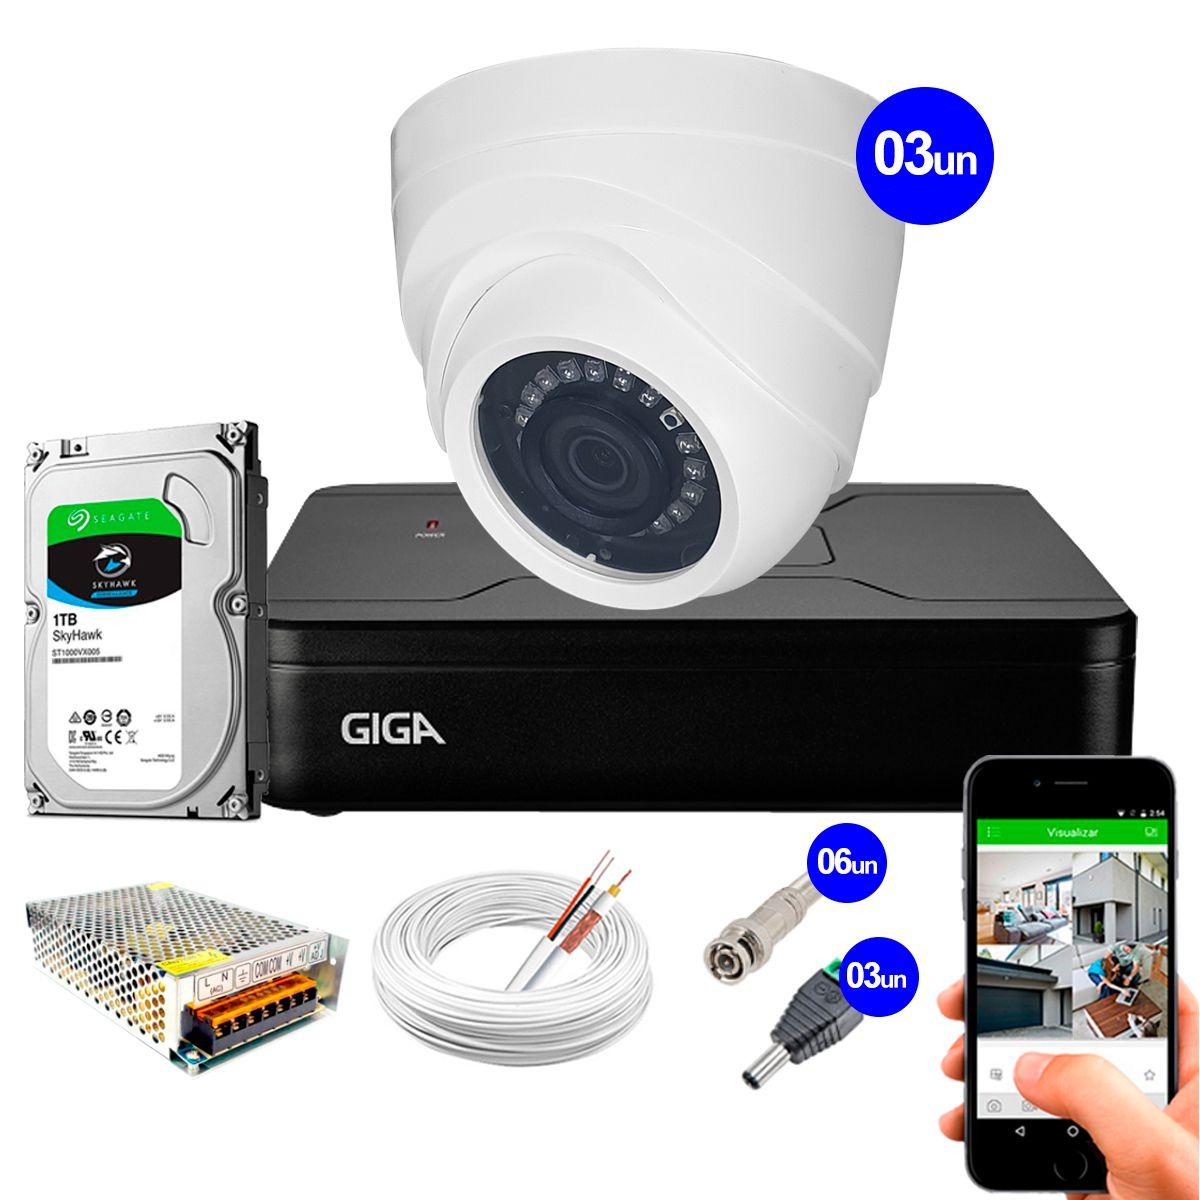 Kit Giga Security 3 Câmeras HD 720p GS0019 + DVR Lite com HD 1TB Seagate + Acessórios  - Tudo Forte